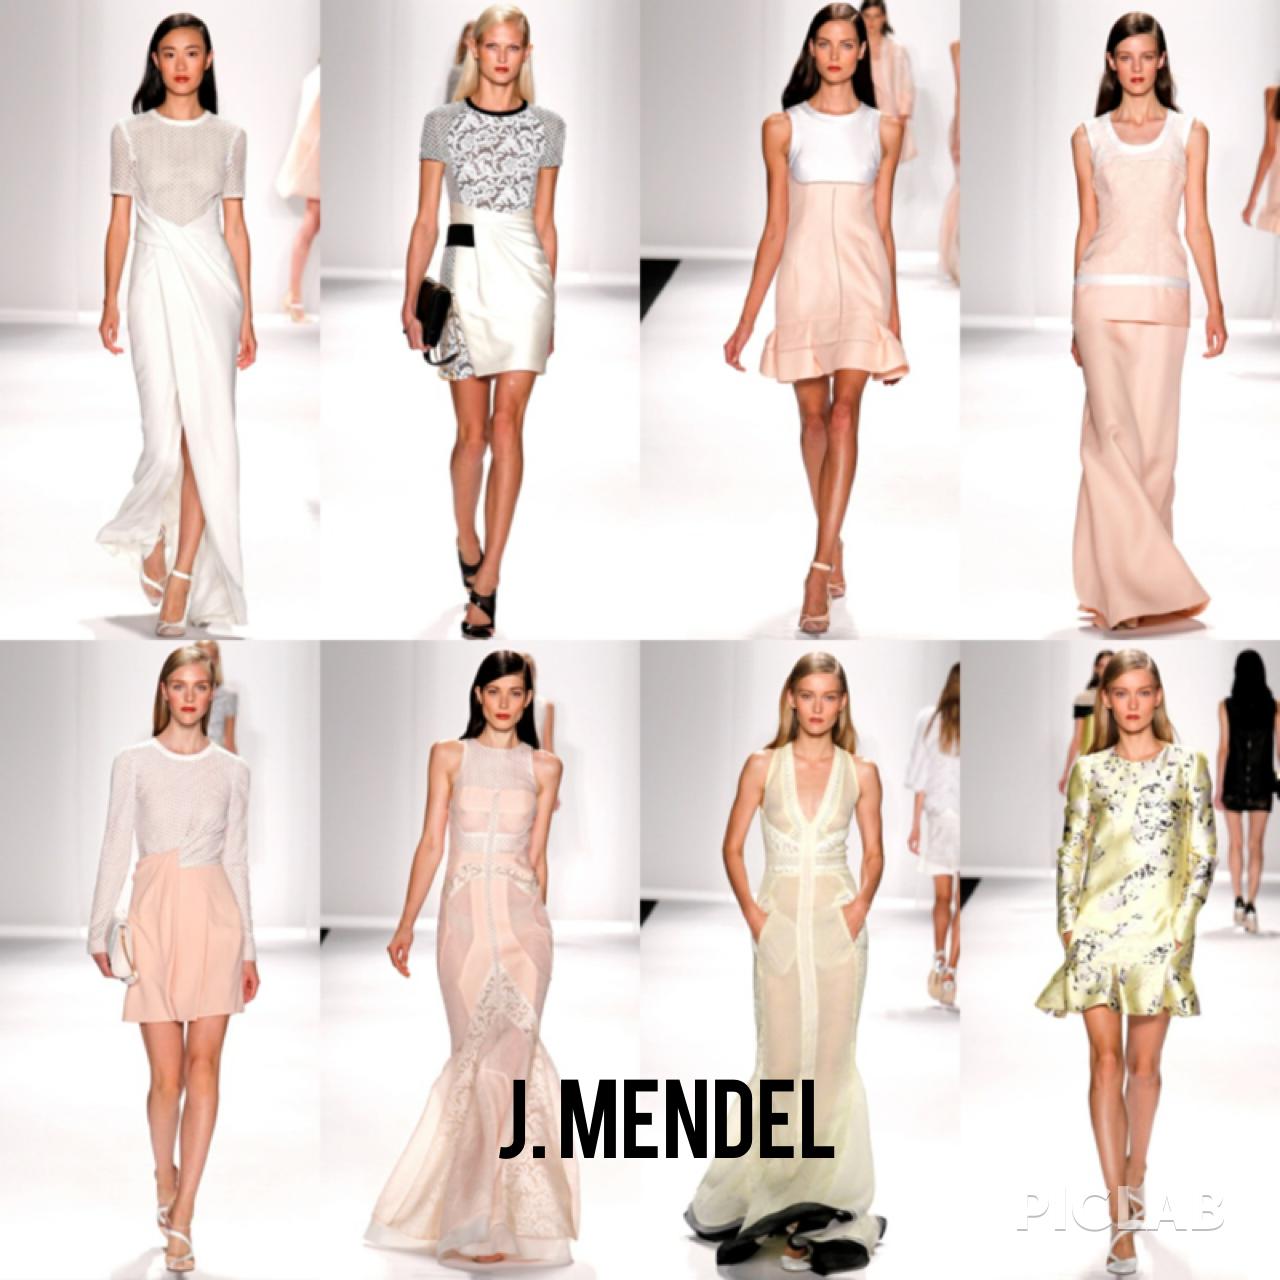 Spring 2014 J. Mendel